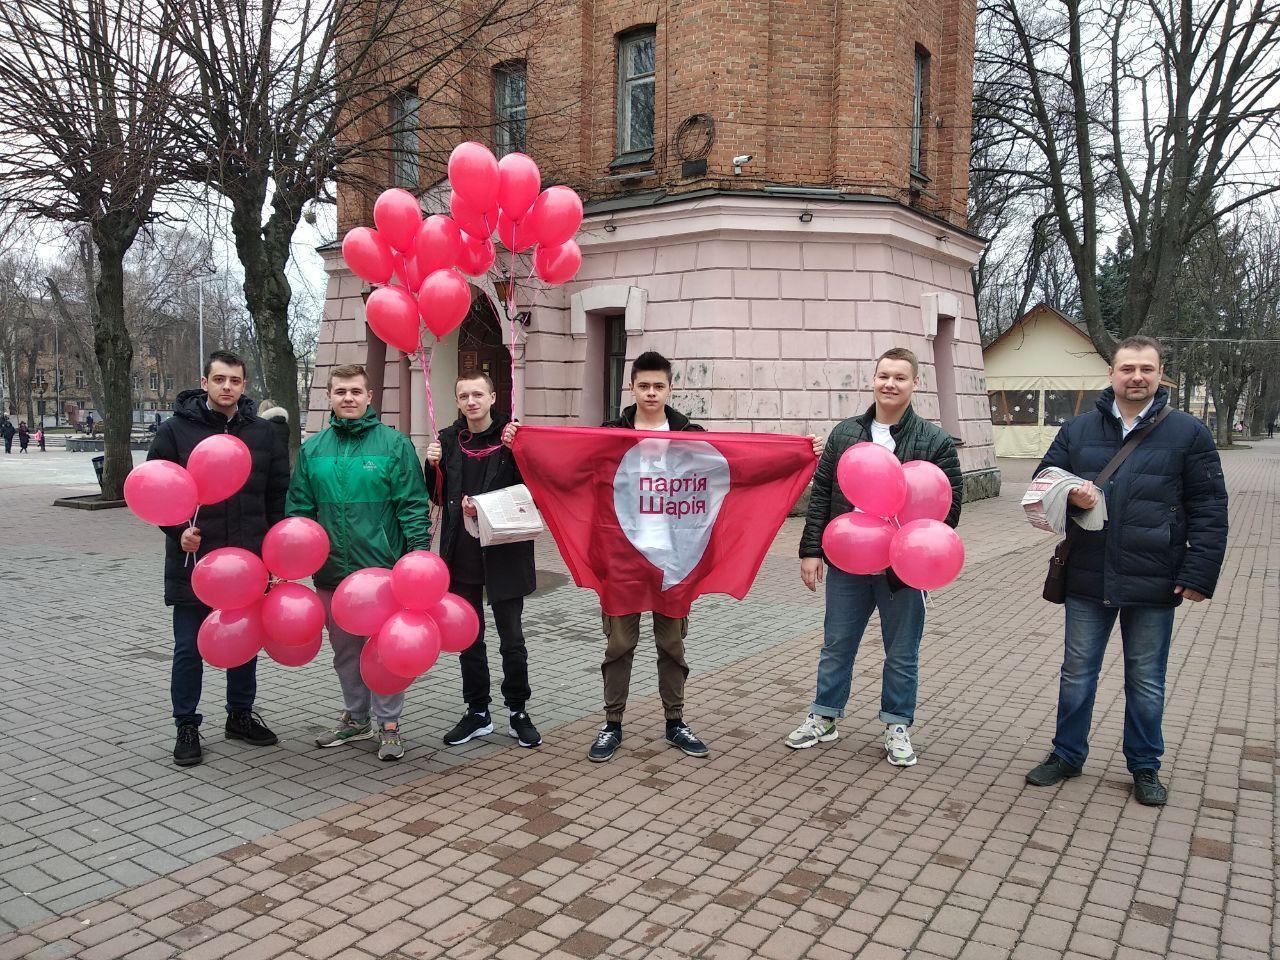 Активисты Партии Шария в Виннице поздравили жительниц города с 8 Марта